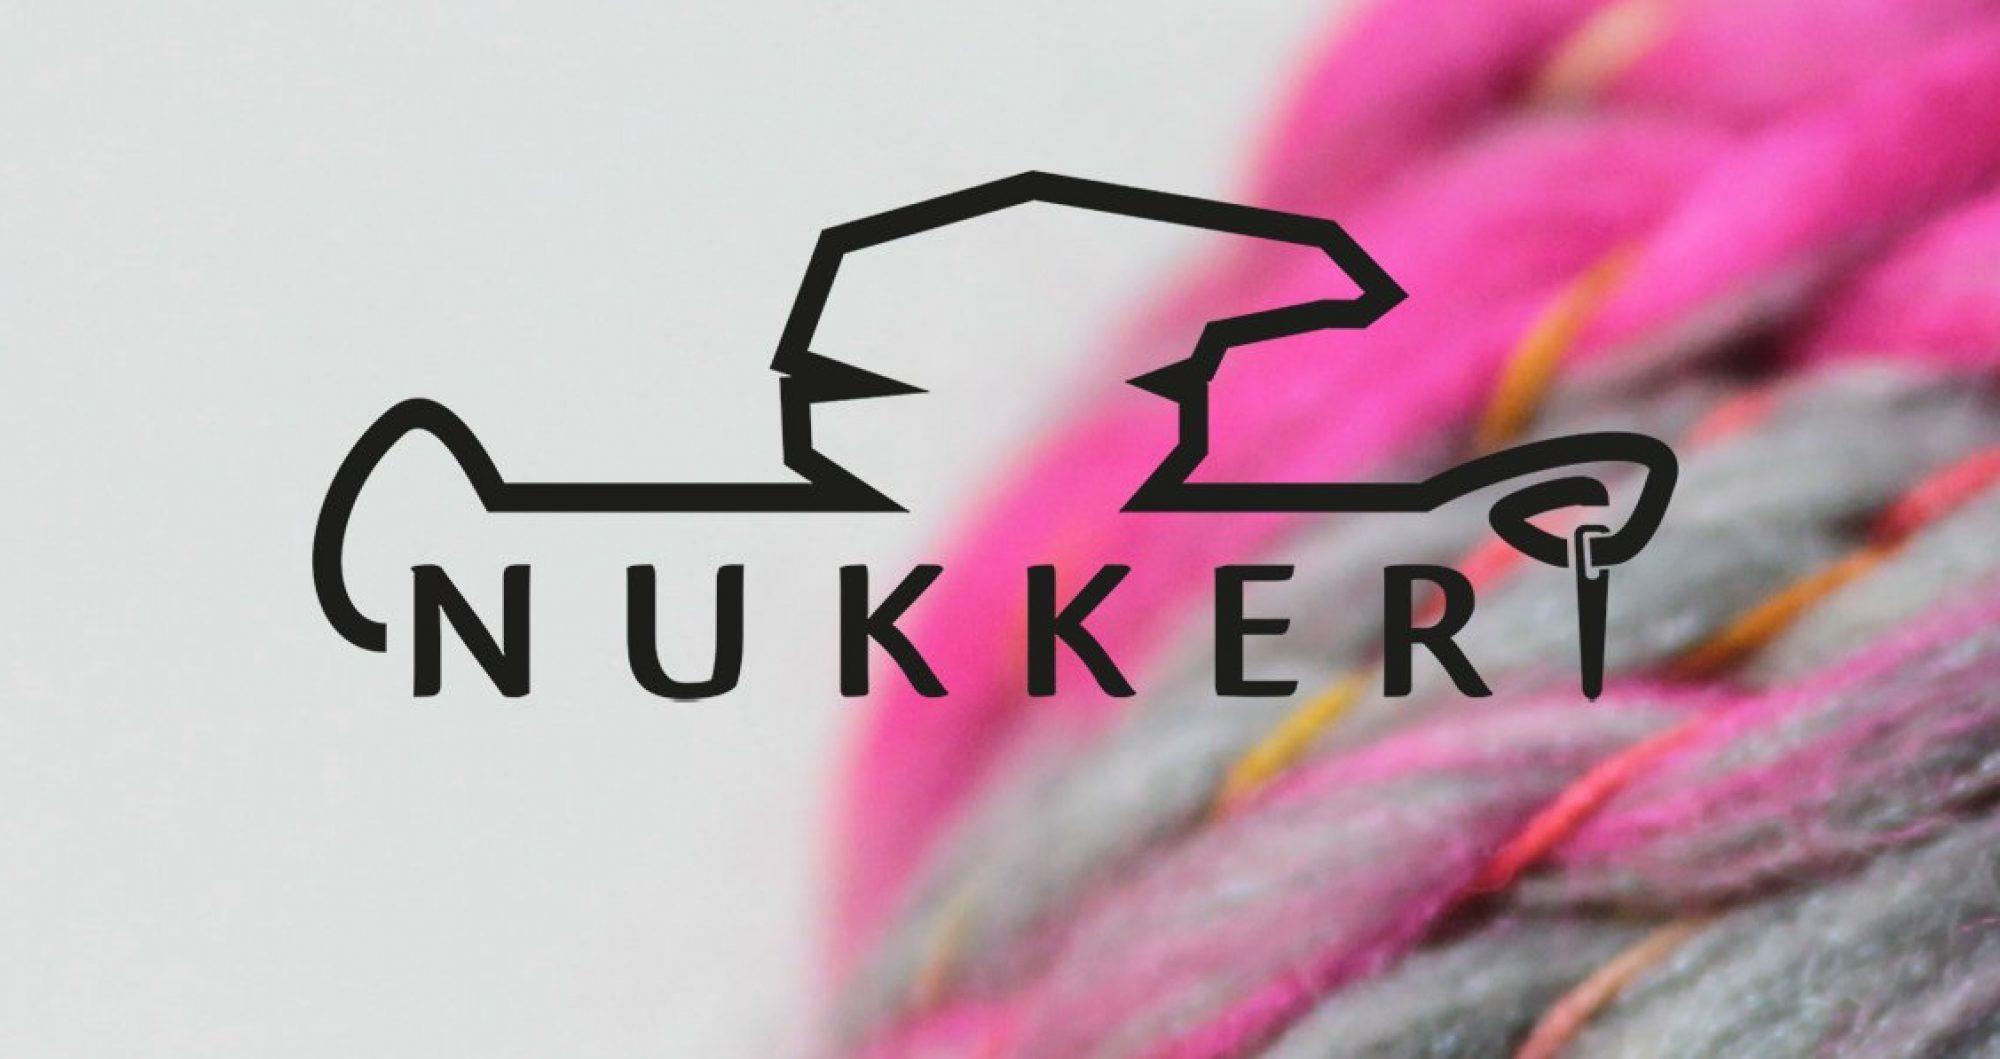 Käsityöliike Nukkeri Oy